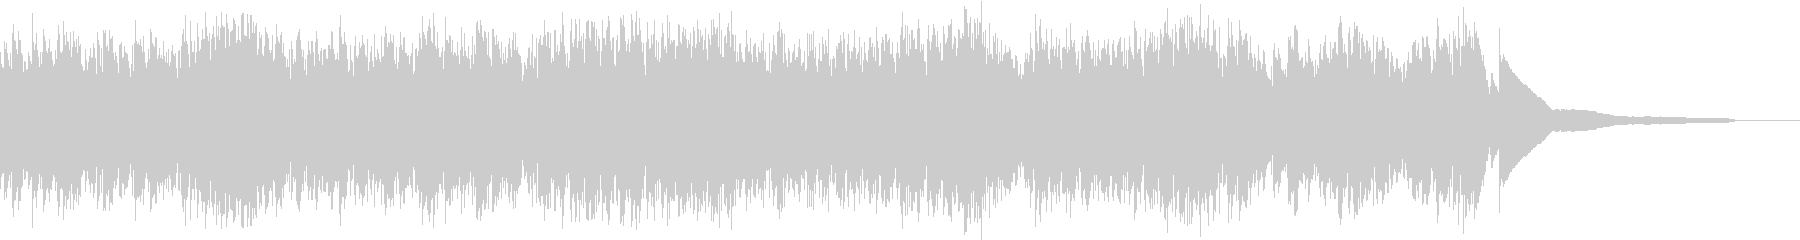 生演奏:細かい音の動きで流れるピアノの未再生の波形